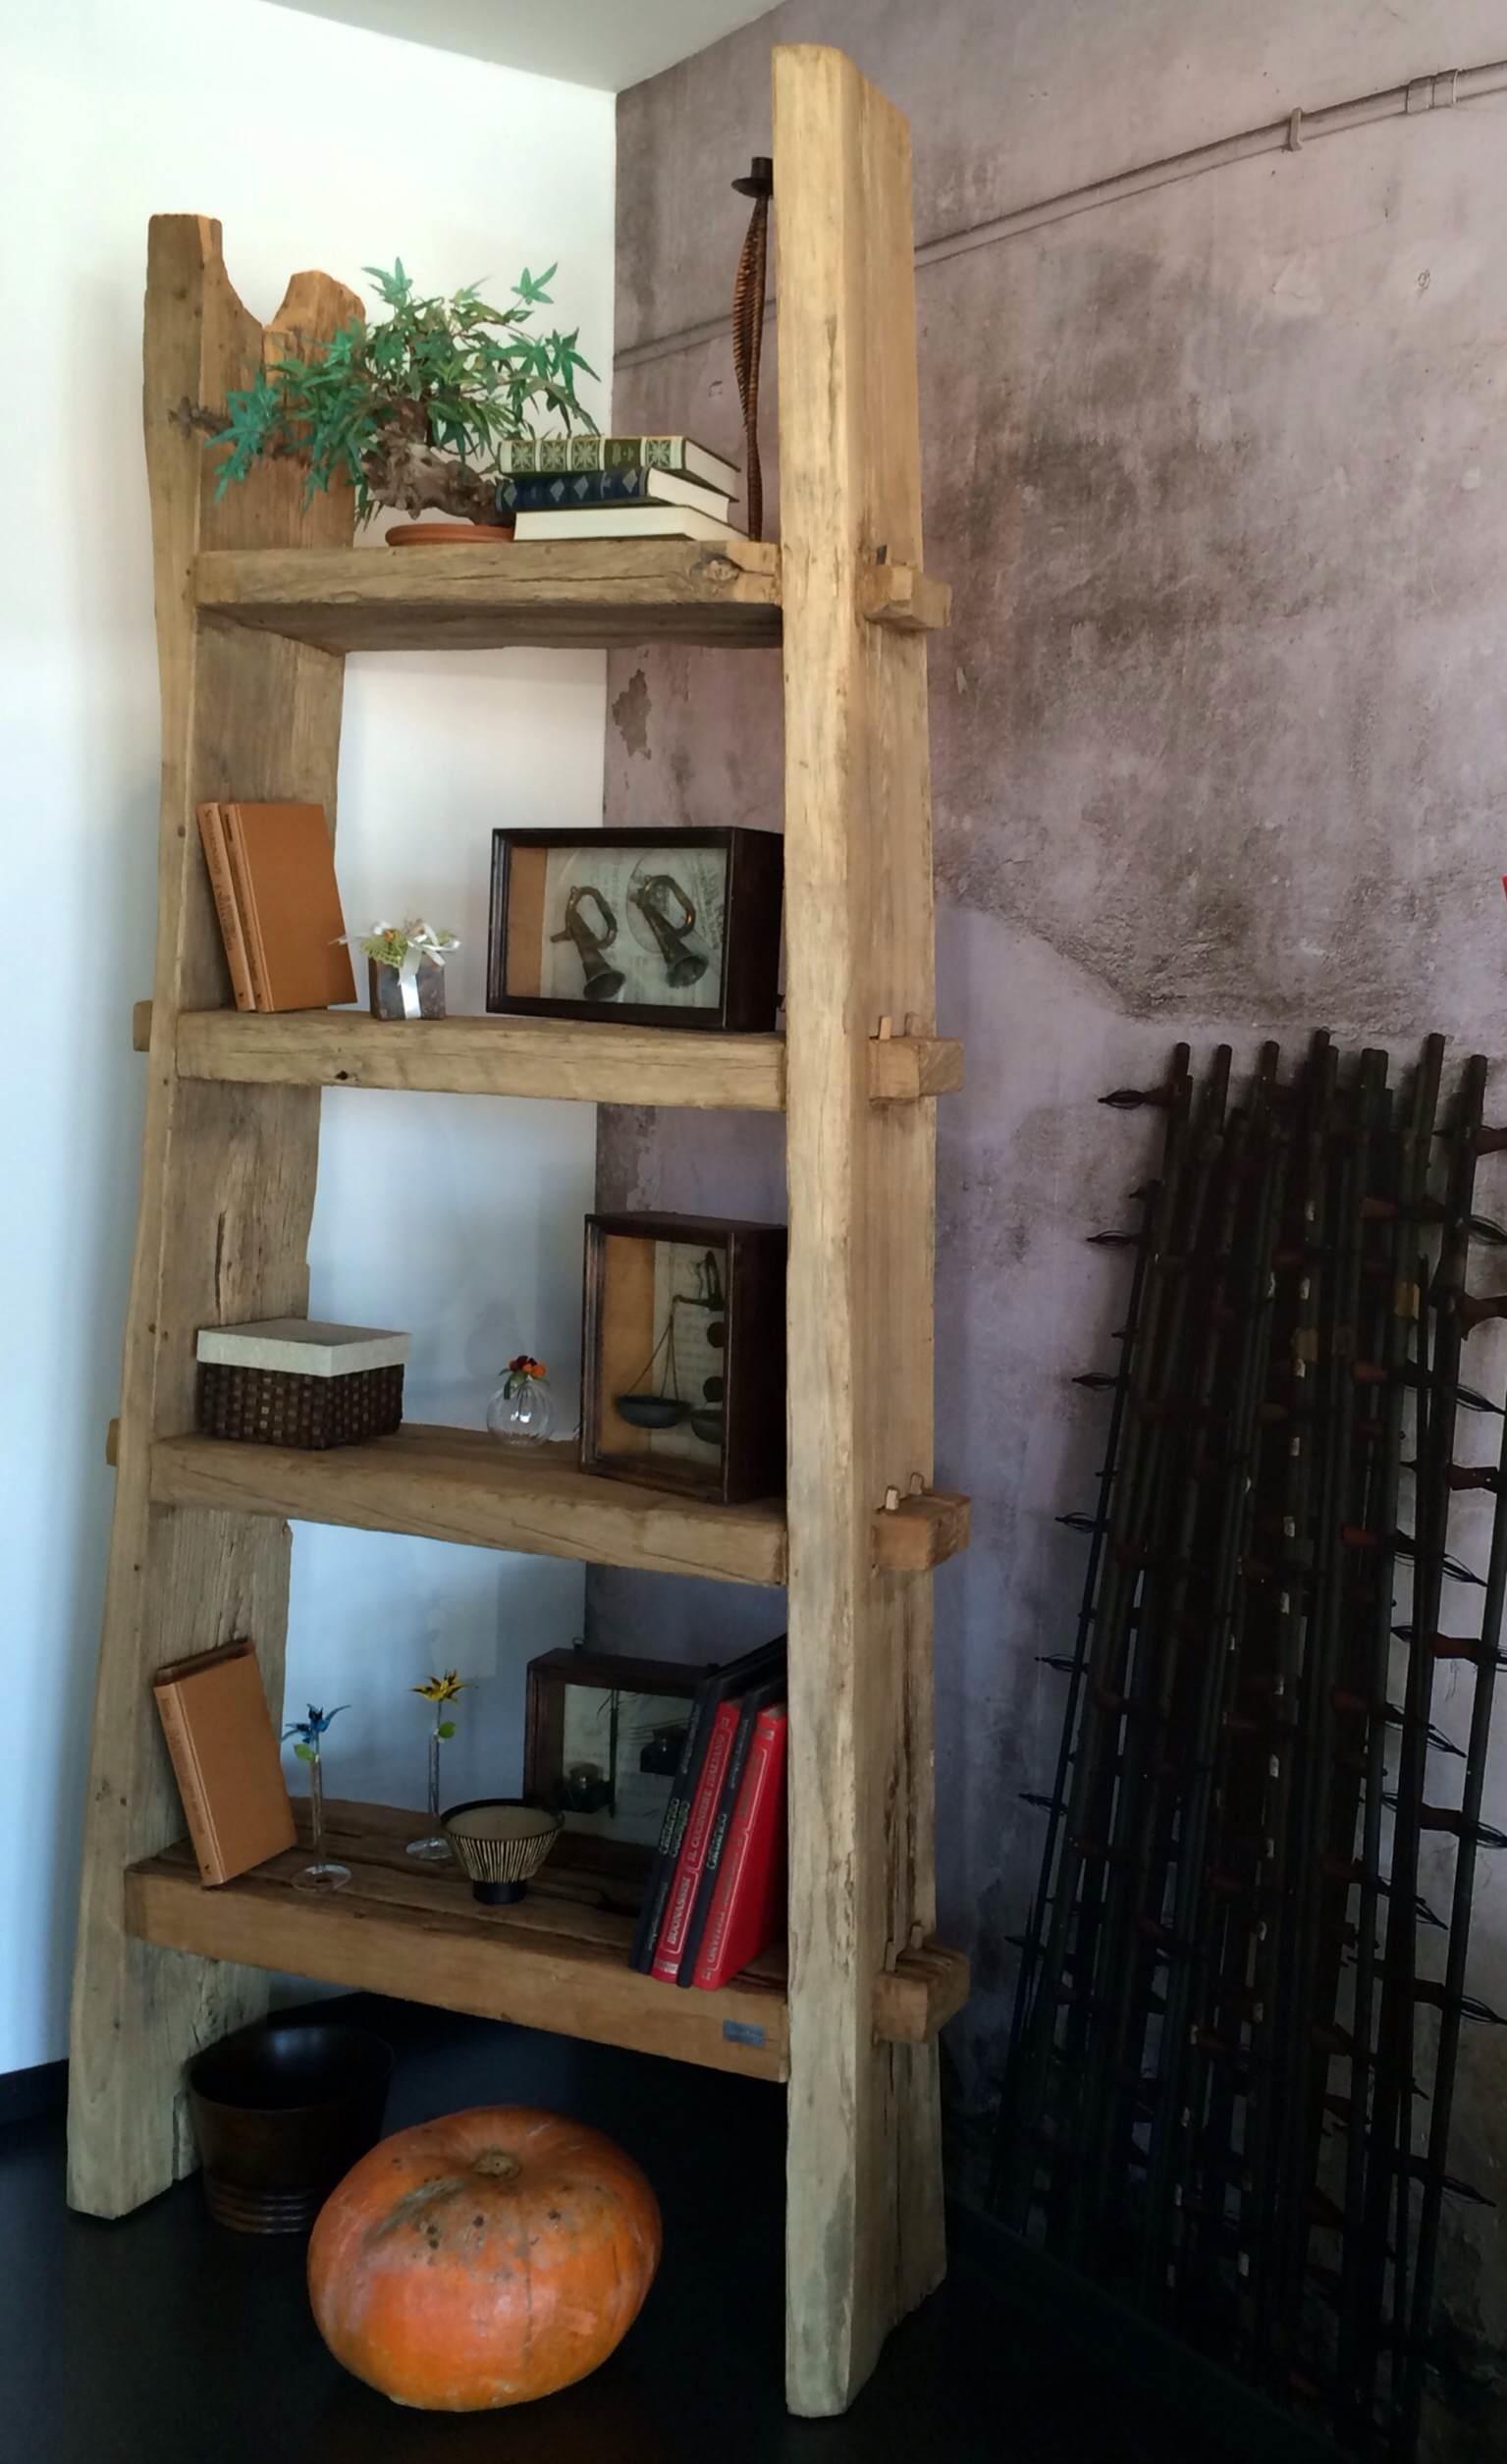 libreria nature design con assi di legno antico - soggiorni a ... - Mensole Con Assi Di Legno